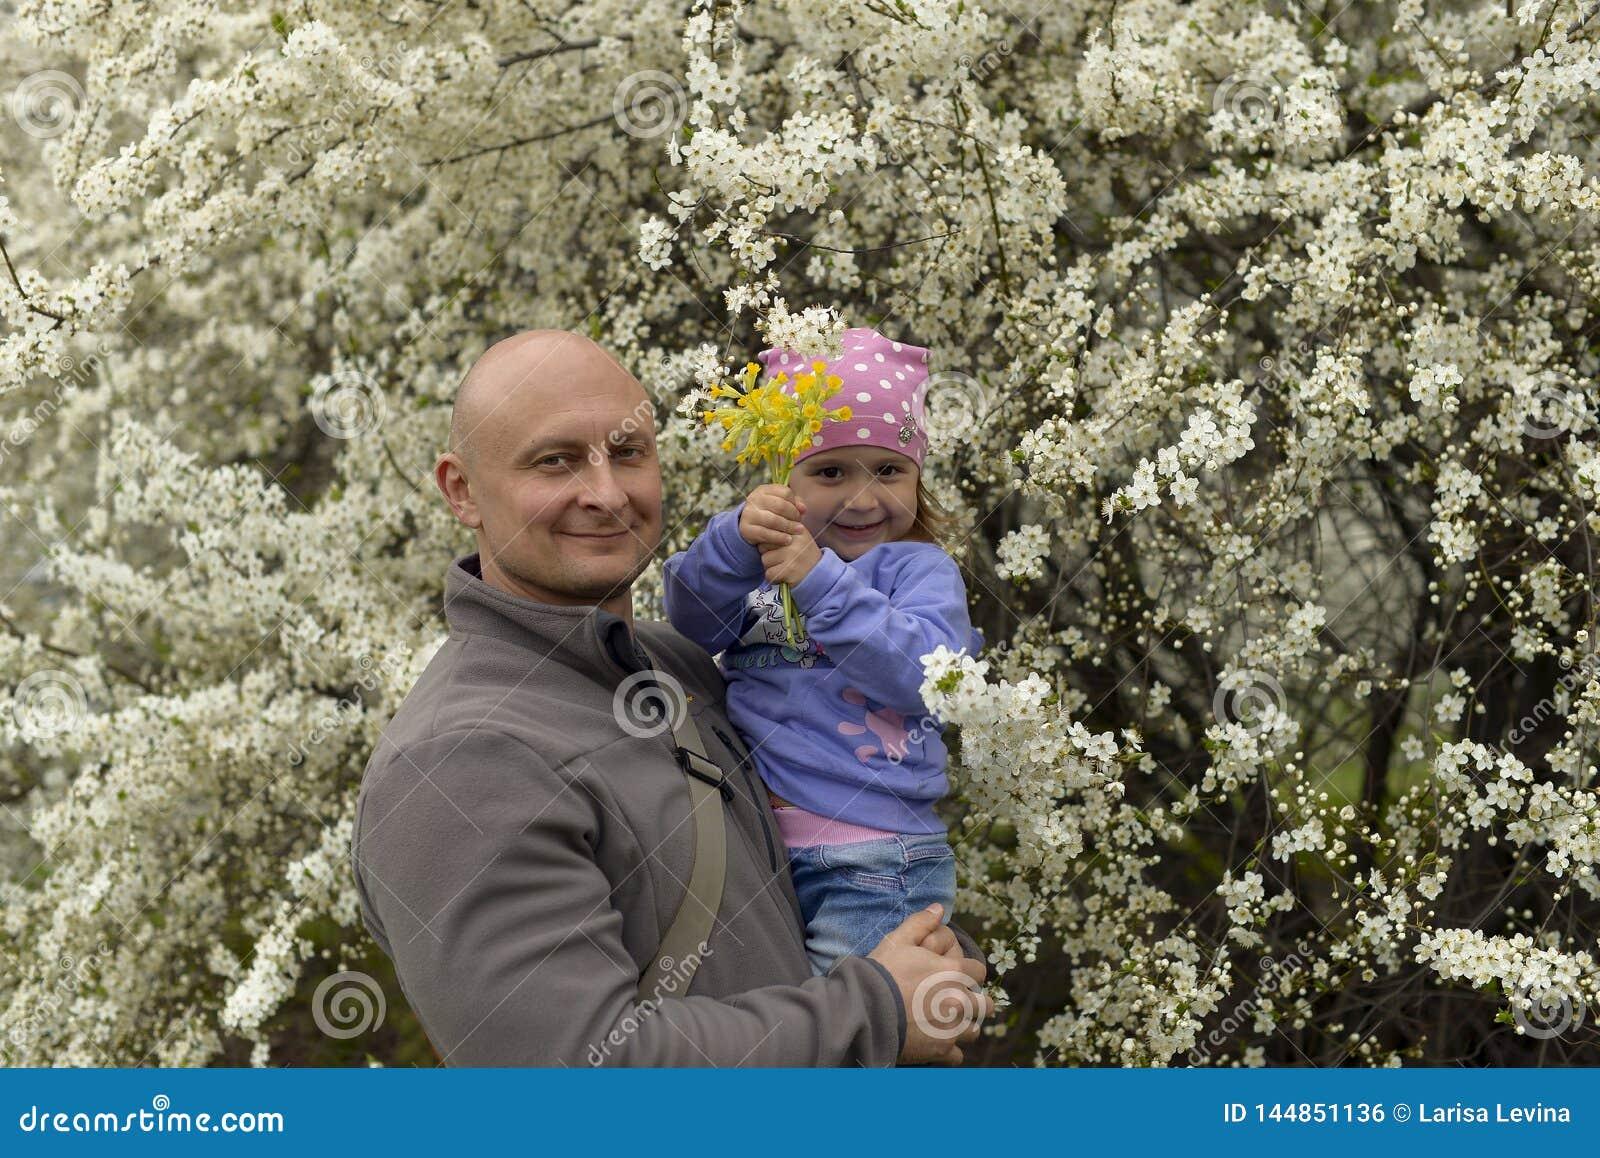 Farsa med lite dottern i hennes armar som på våren står nära ett blomma träd